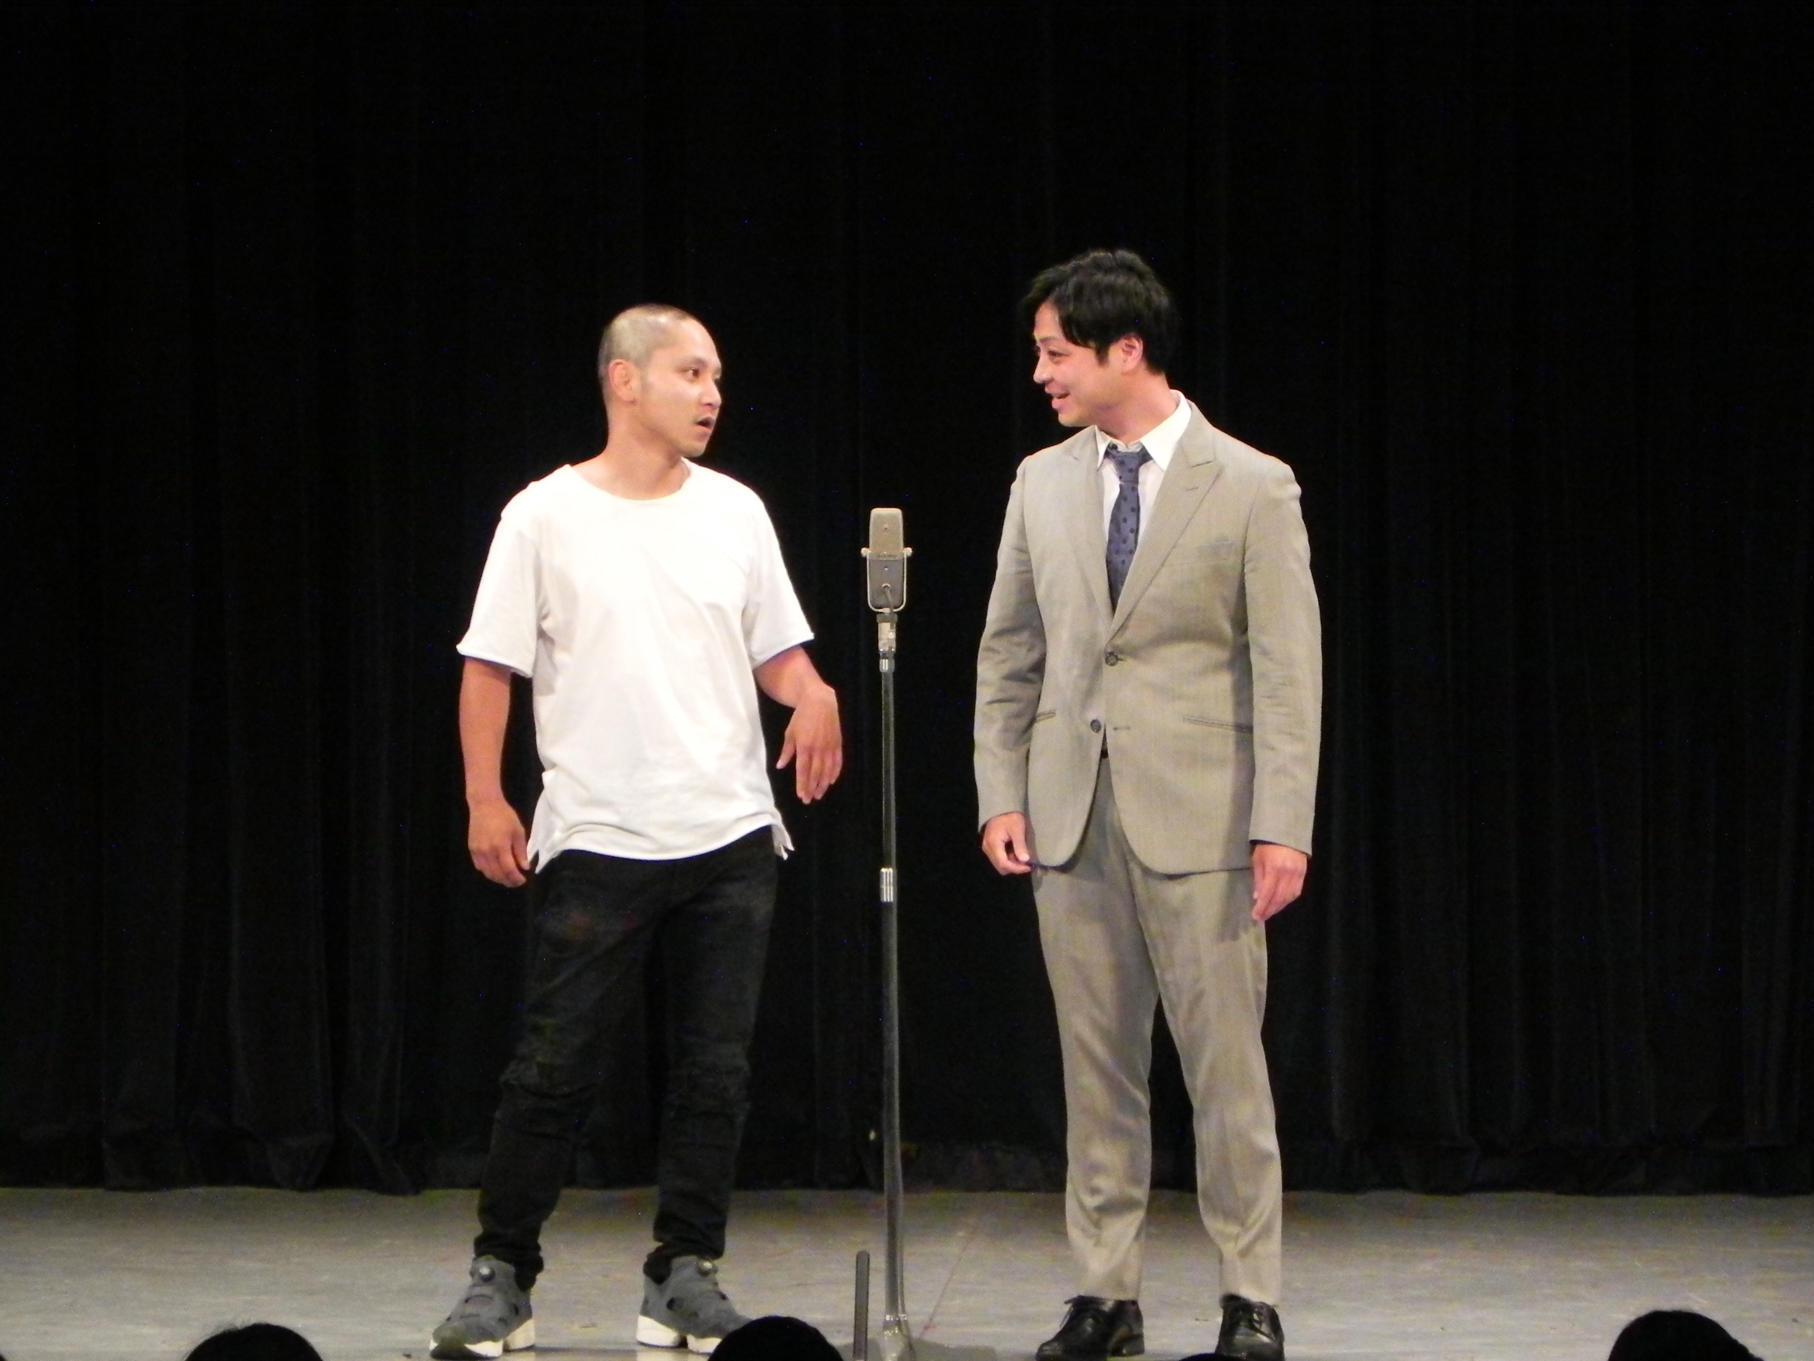 http://news.yoshimoto.co.jp/20170717200032-347376434c996eb921c94b41083d876a194a8226.jpg